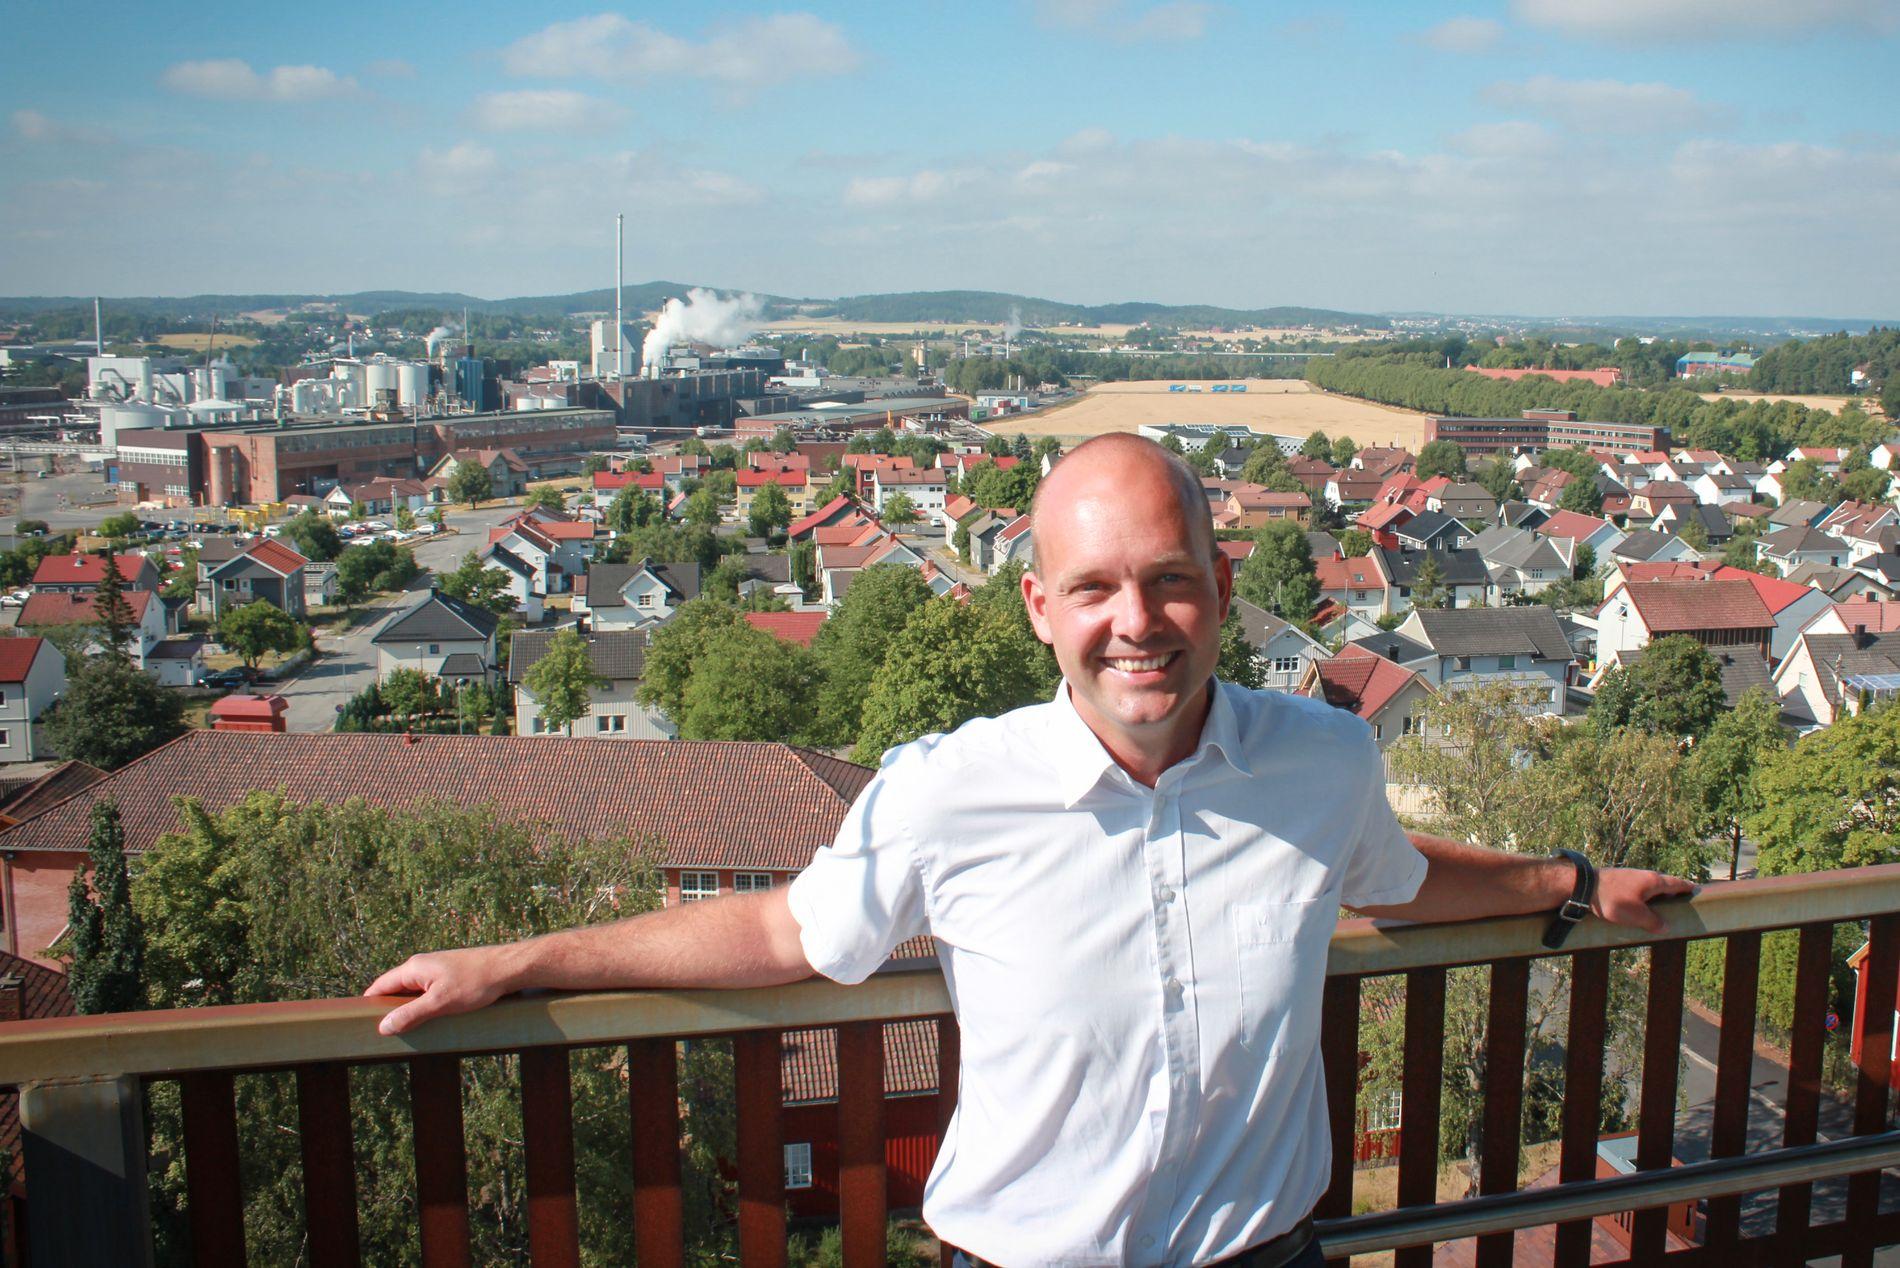 PÅ TOPP: Ordfører i Sarpsborg Sindre Martinsen-Evje fra Arbeiderpartiet har et overlegent flertall i bystyret. Siden 1913 har partiet hatt ordfører i industribyen.